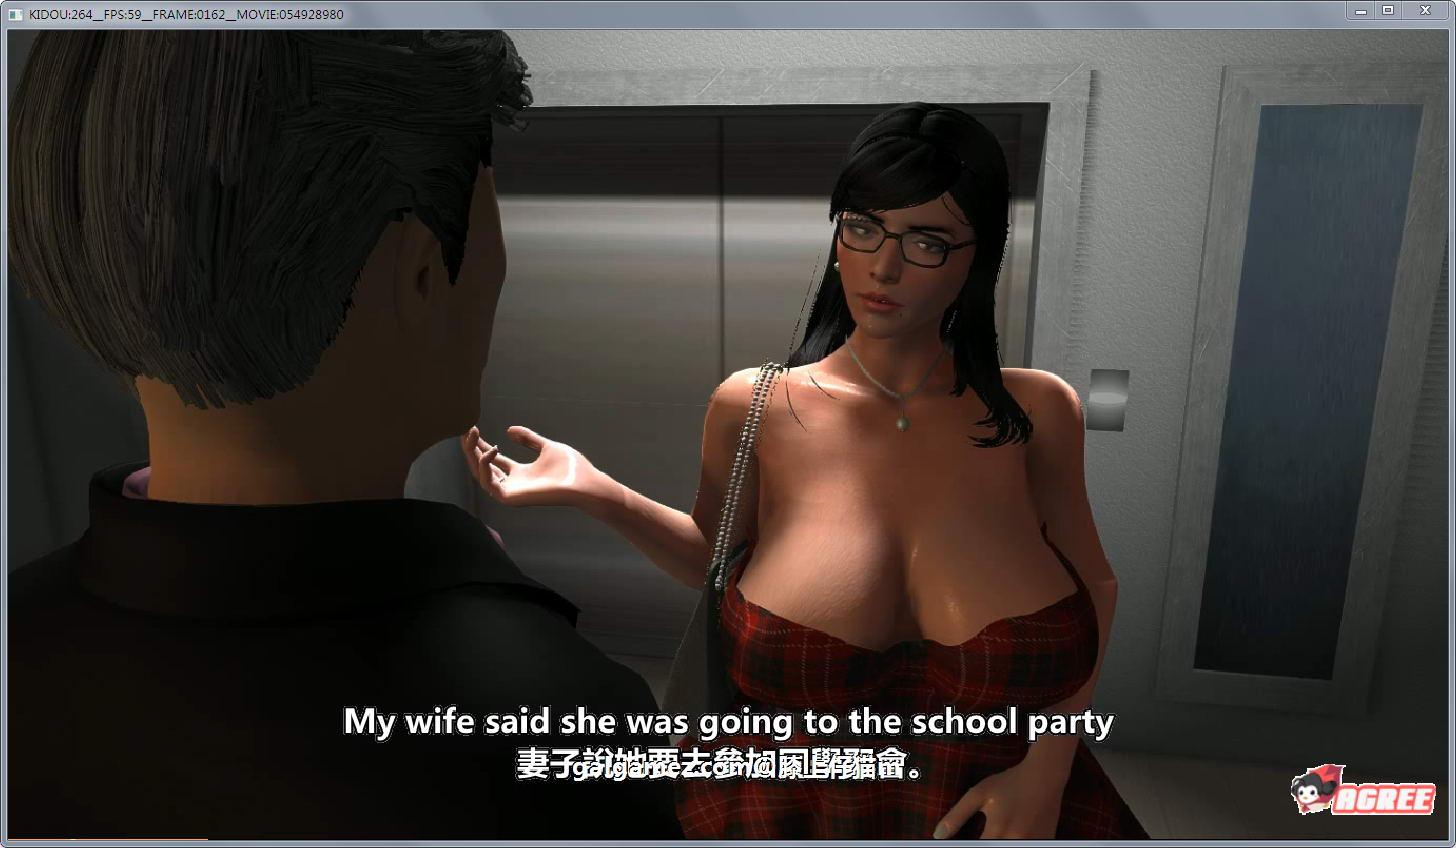 【母系3D/中文/全动态】赌局:被胁迫快感淹没的人妻!中文版+前作+6G动画全集【6.4G】 7